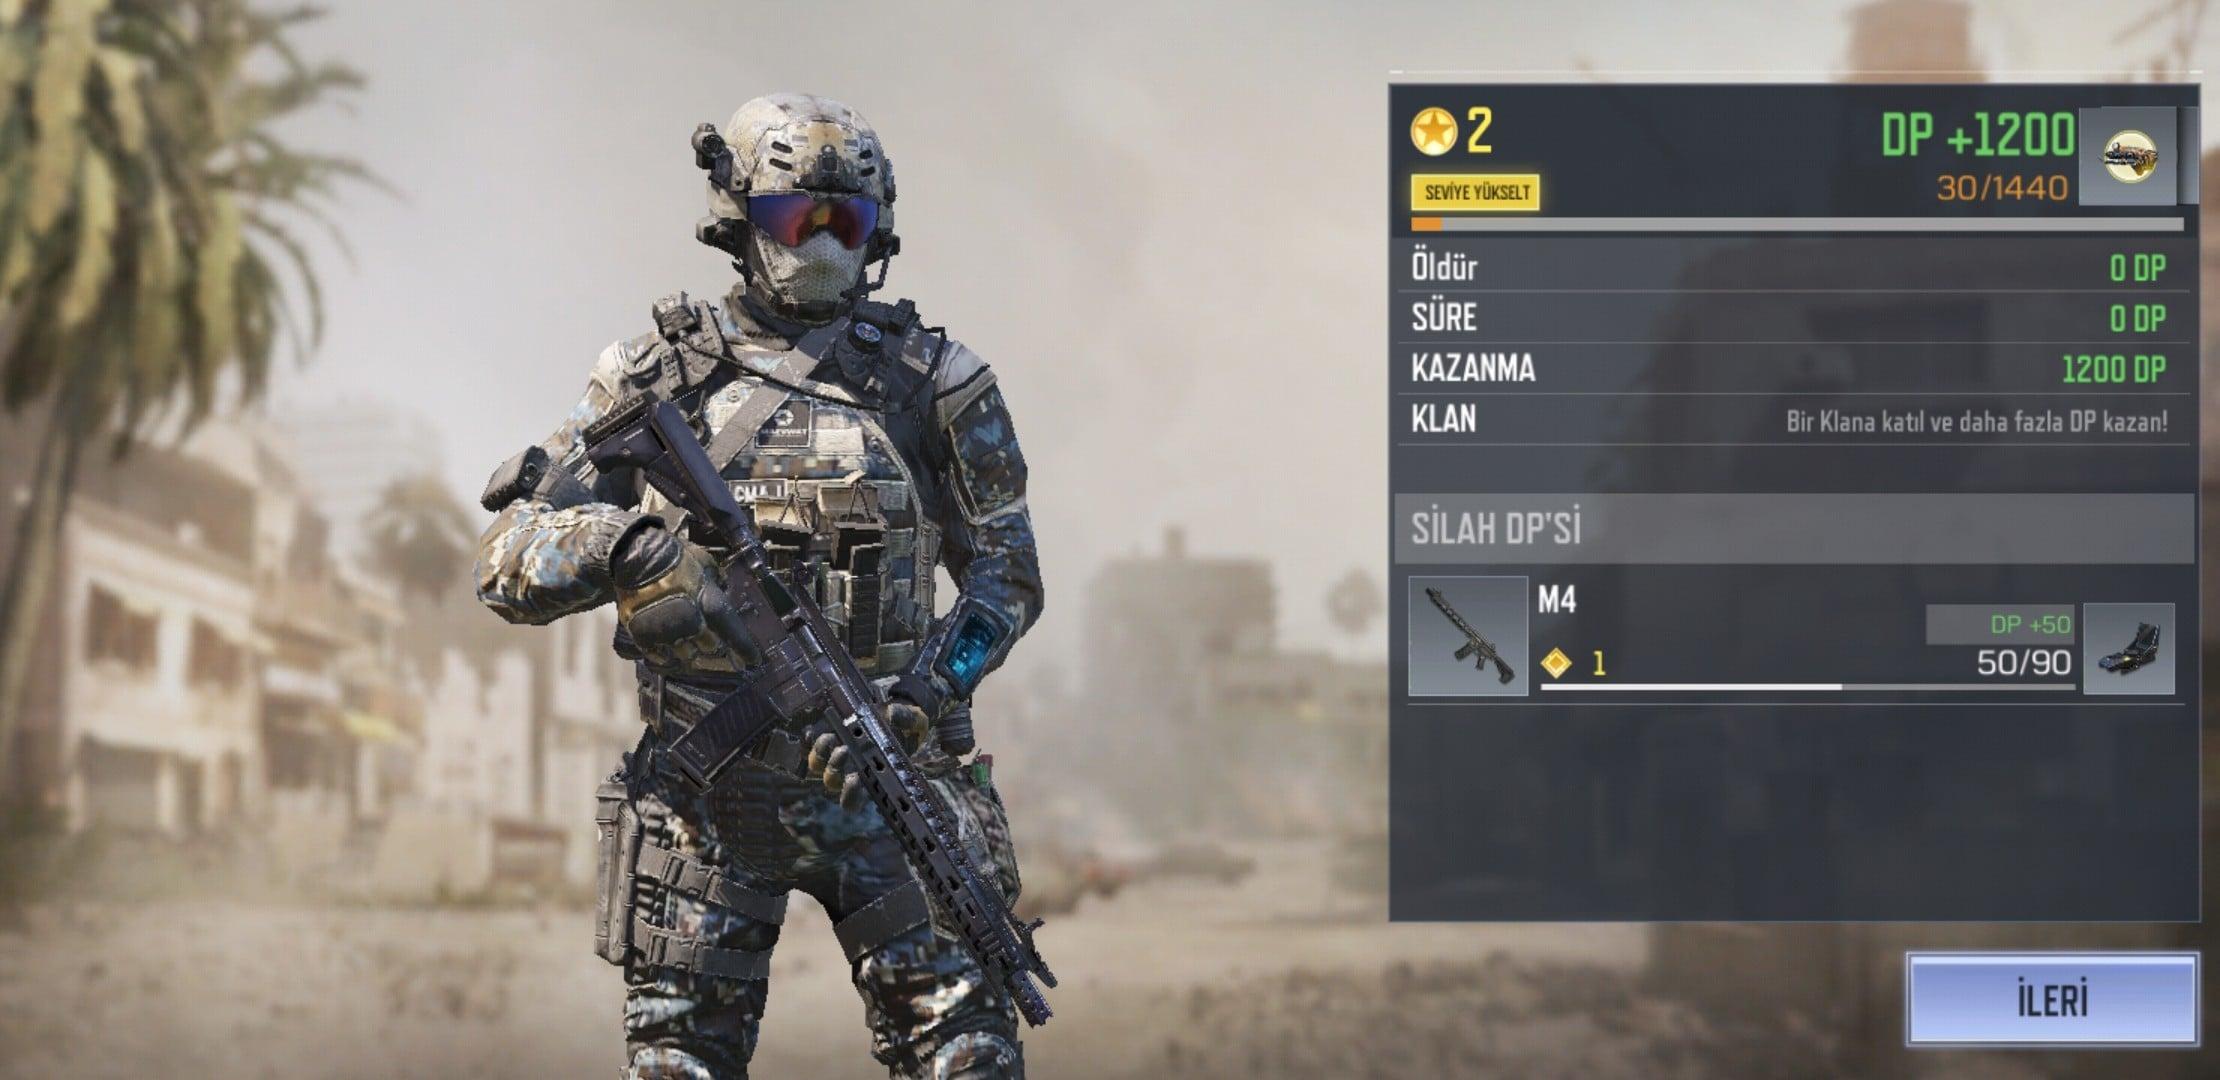 Call of Duty Mobile Artık Türkiye'de indiriliyor ! 27